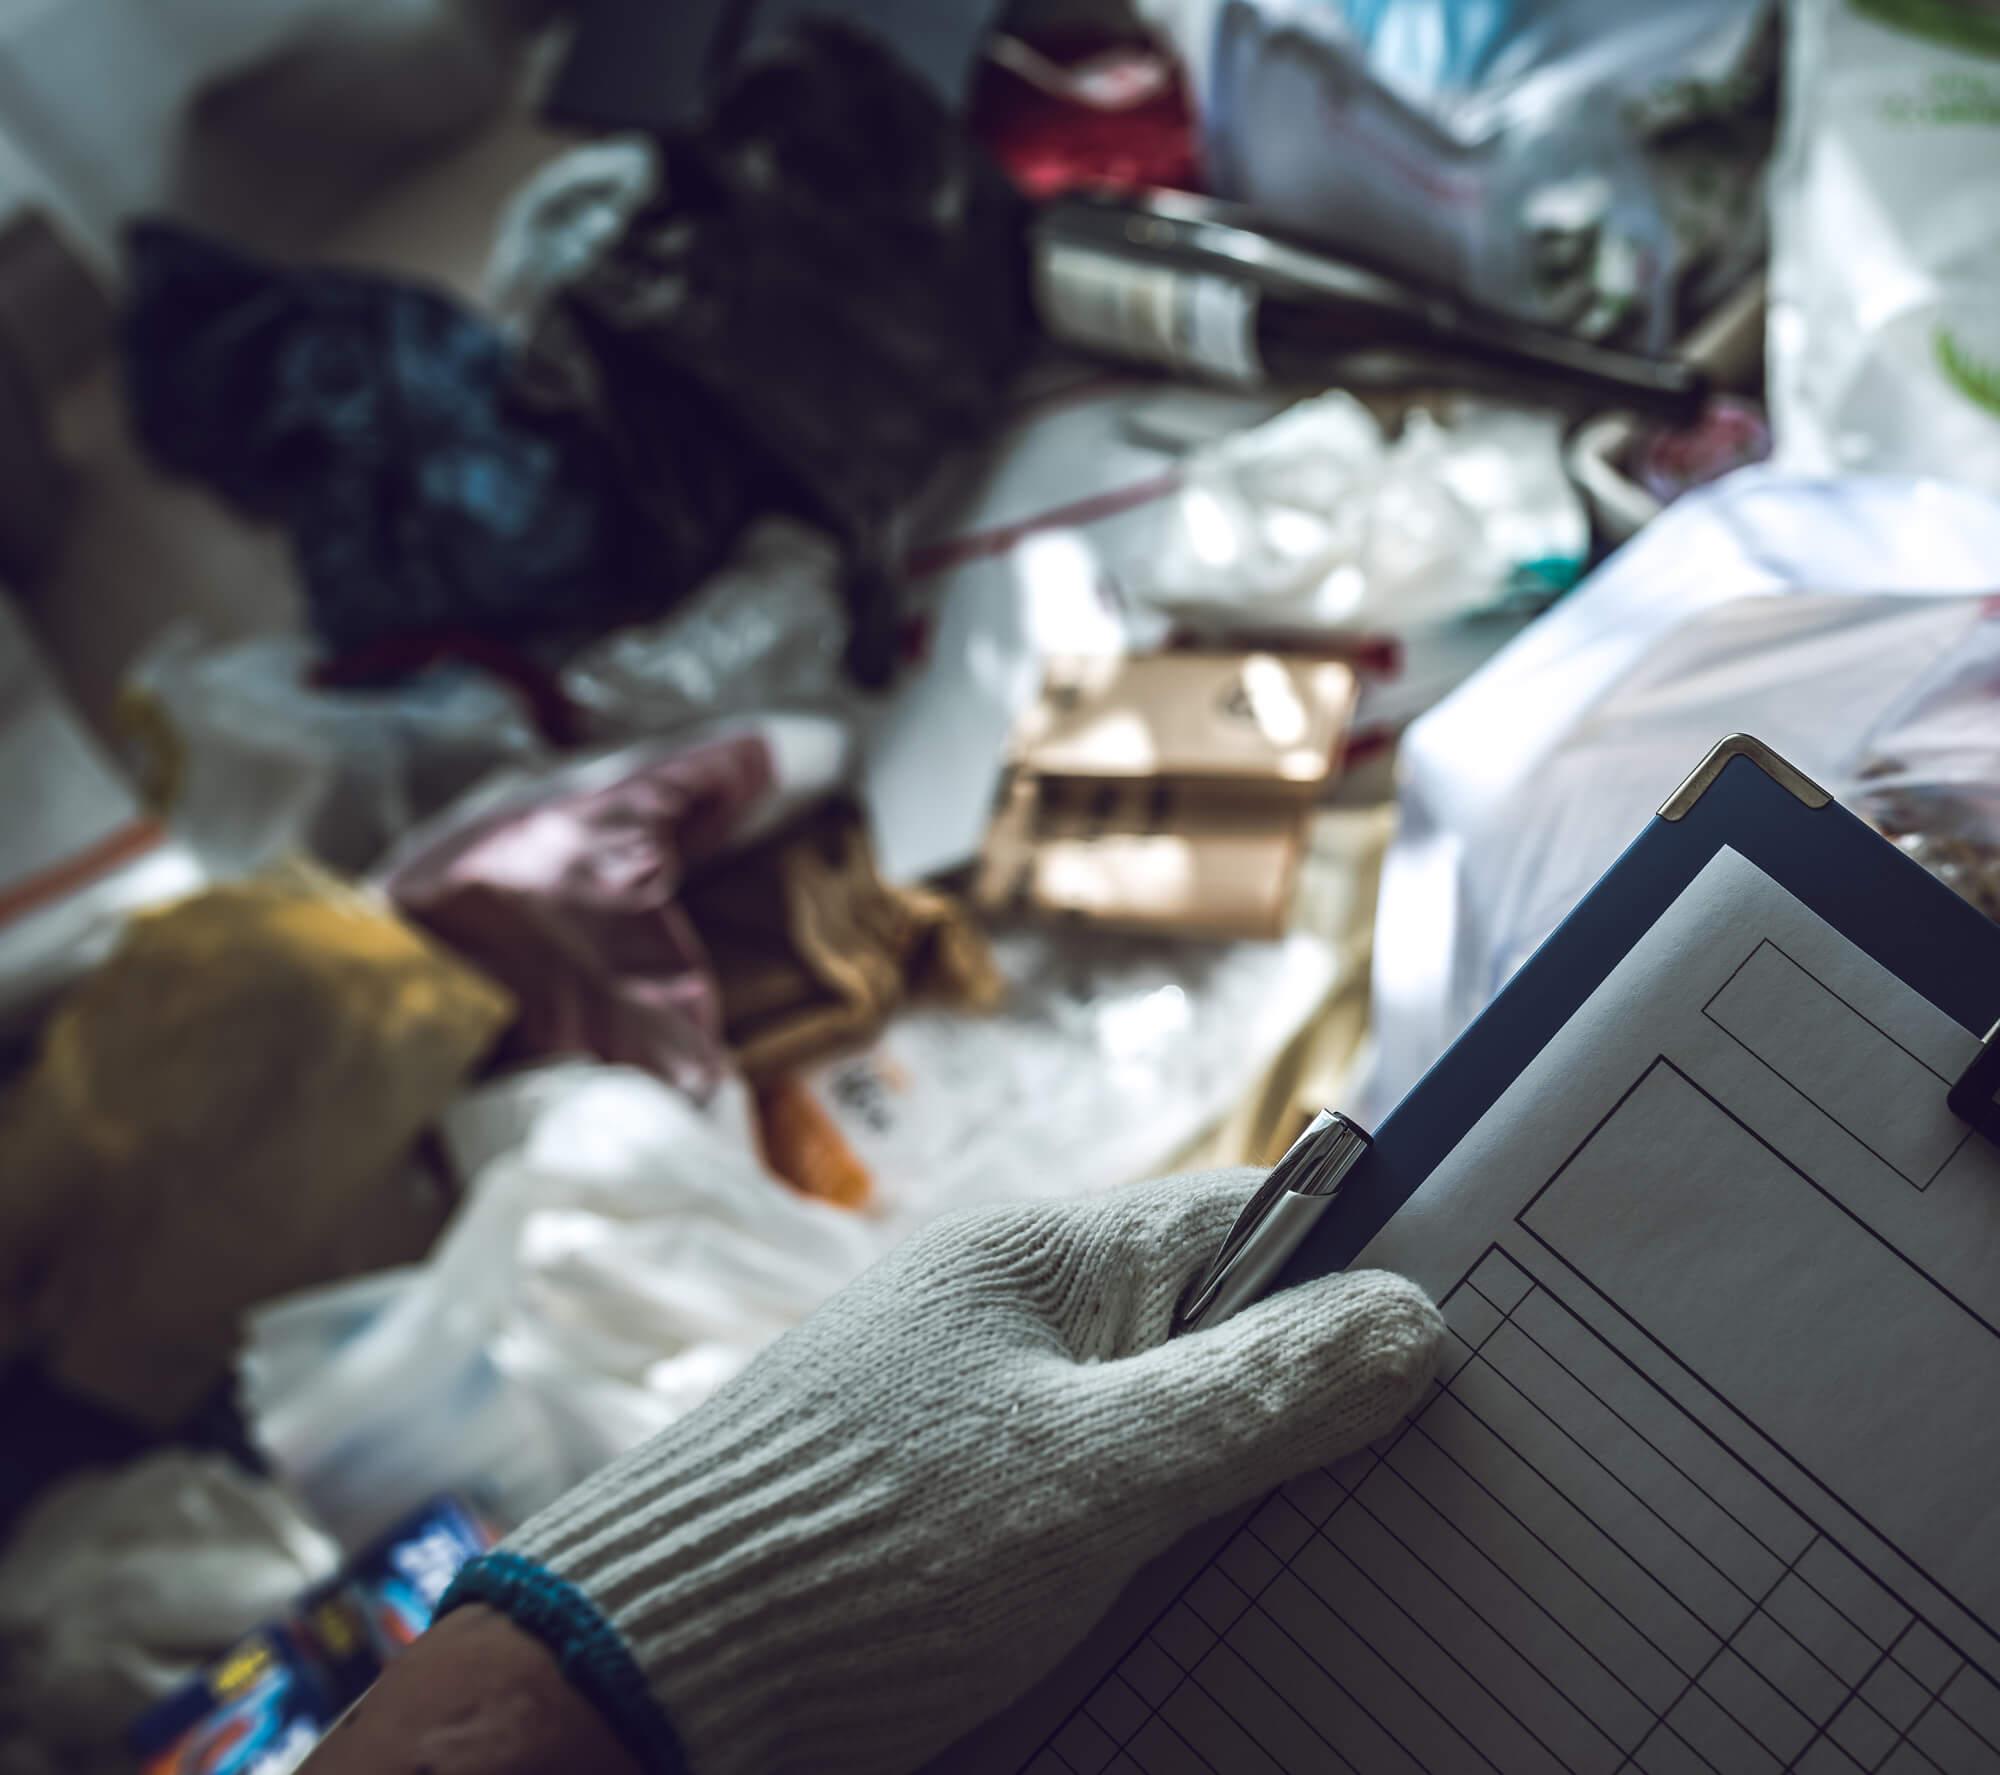 ゴミ屋敷の掃除は代行業者への依頼も検討しよう